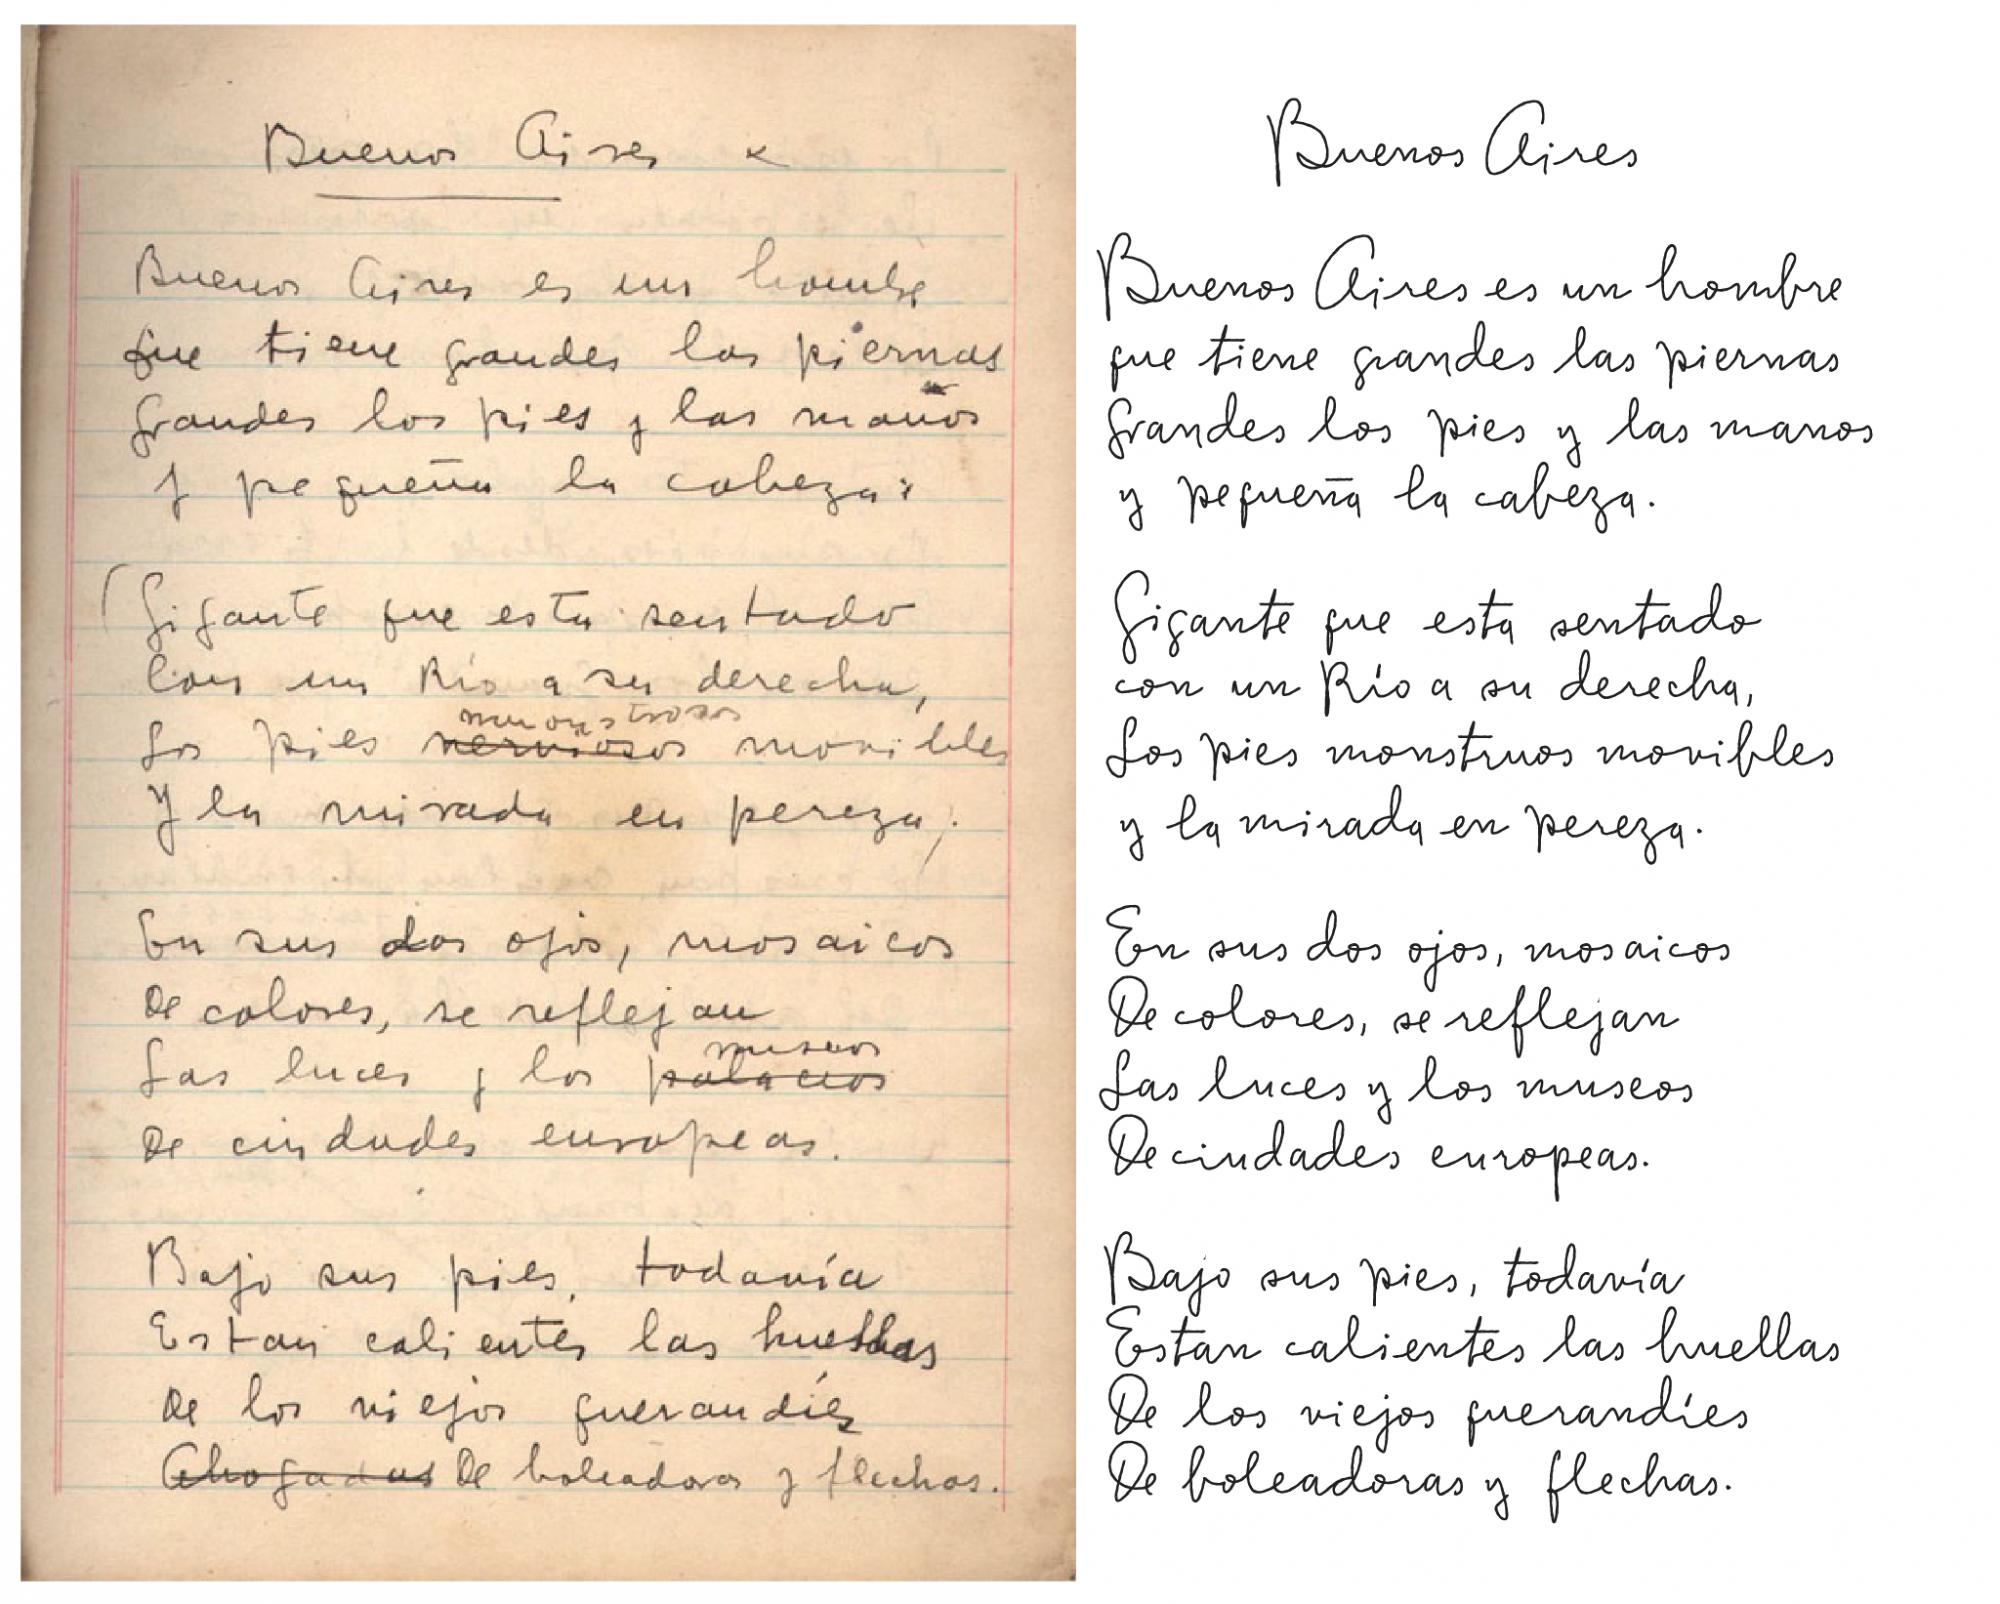 alfonsina manuscript comparasion@2x